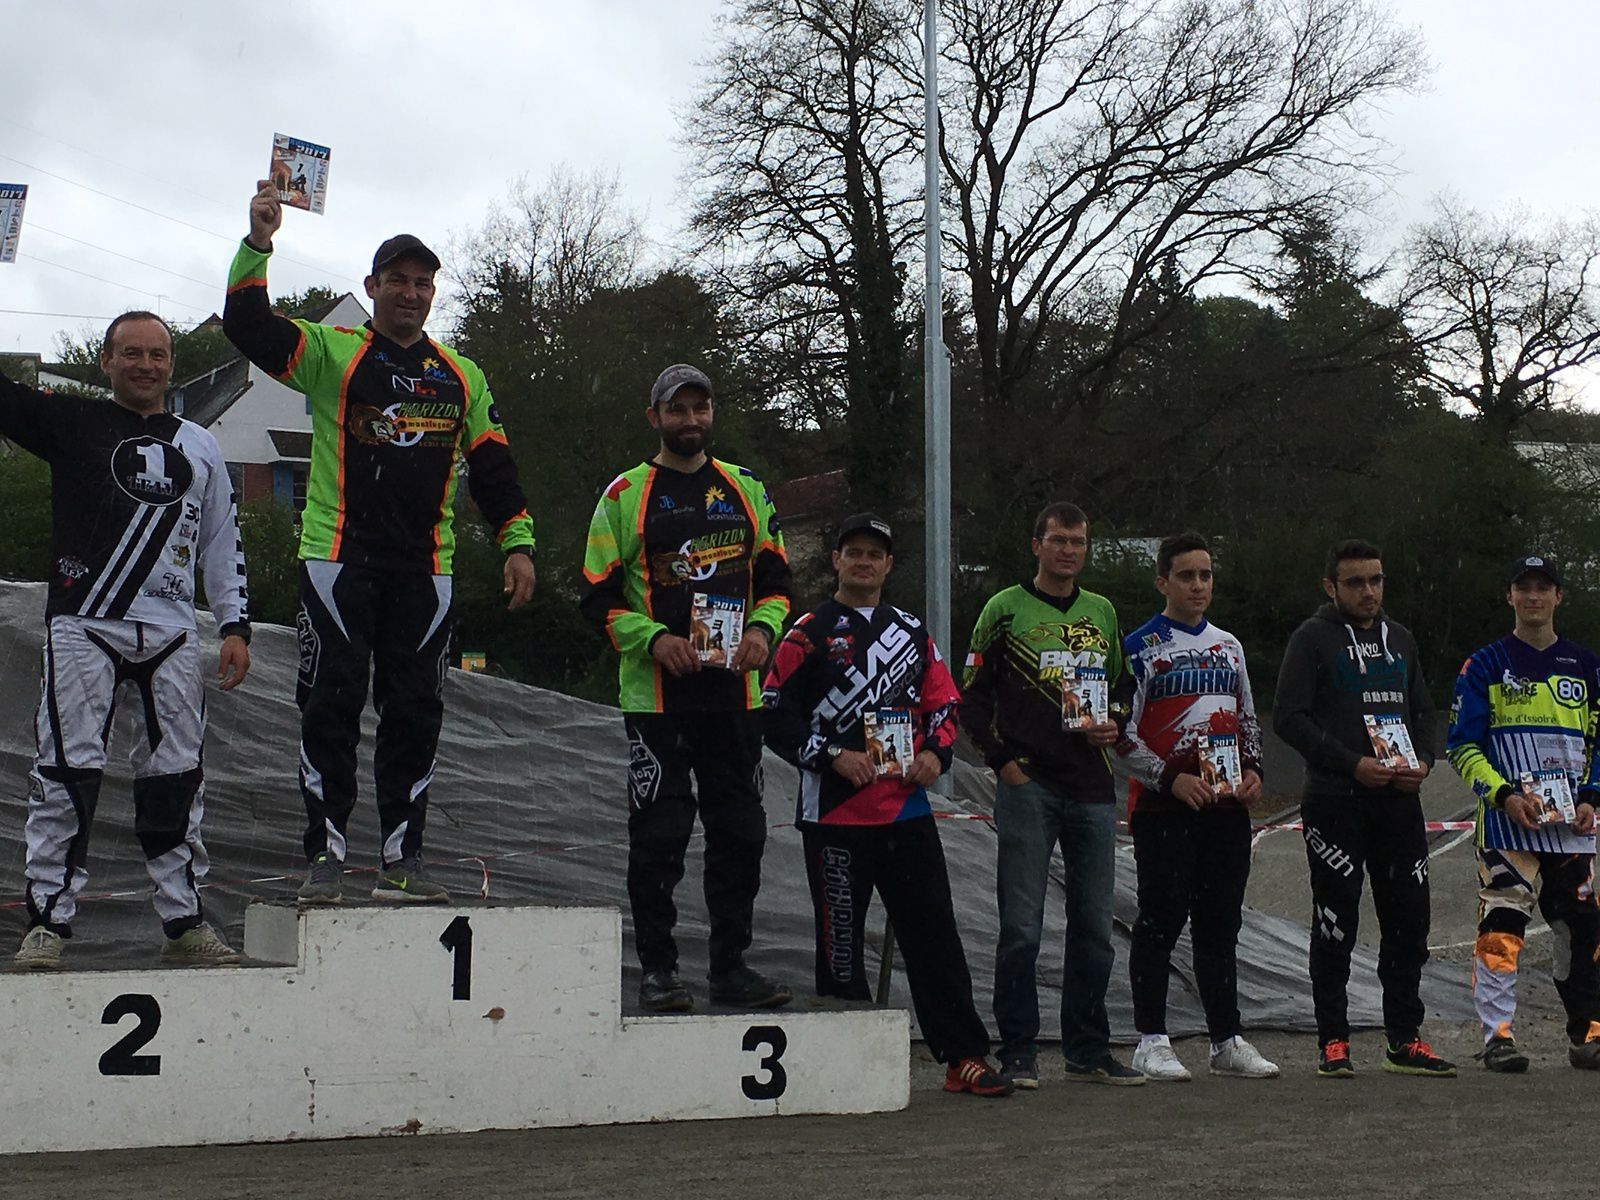 Résultats de la 4e manche de la Vulcanon Cup à Montluçon